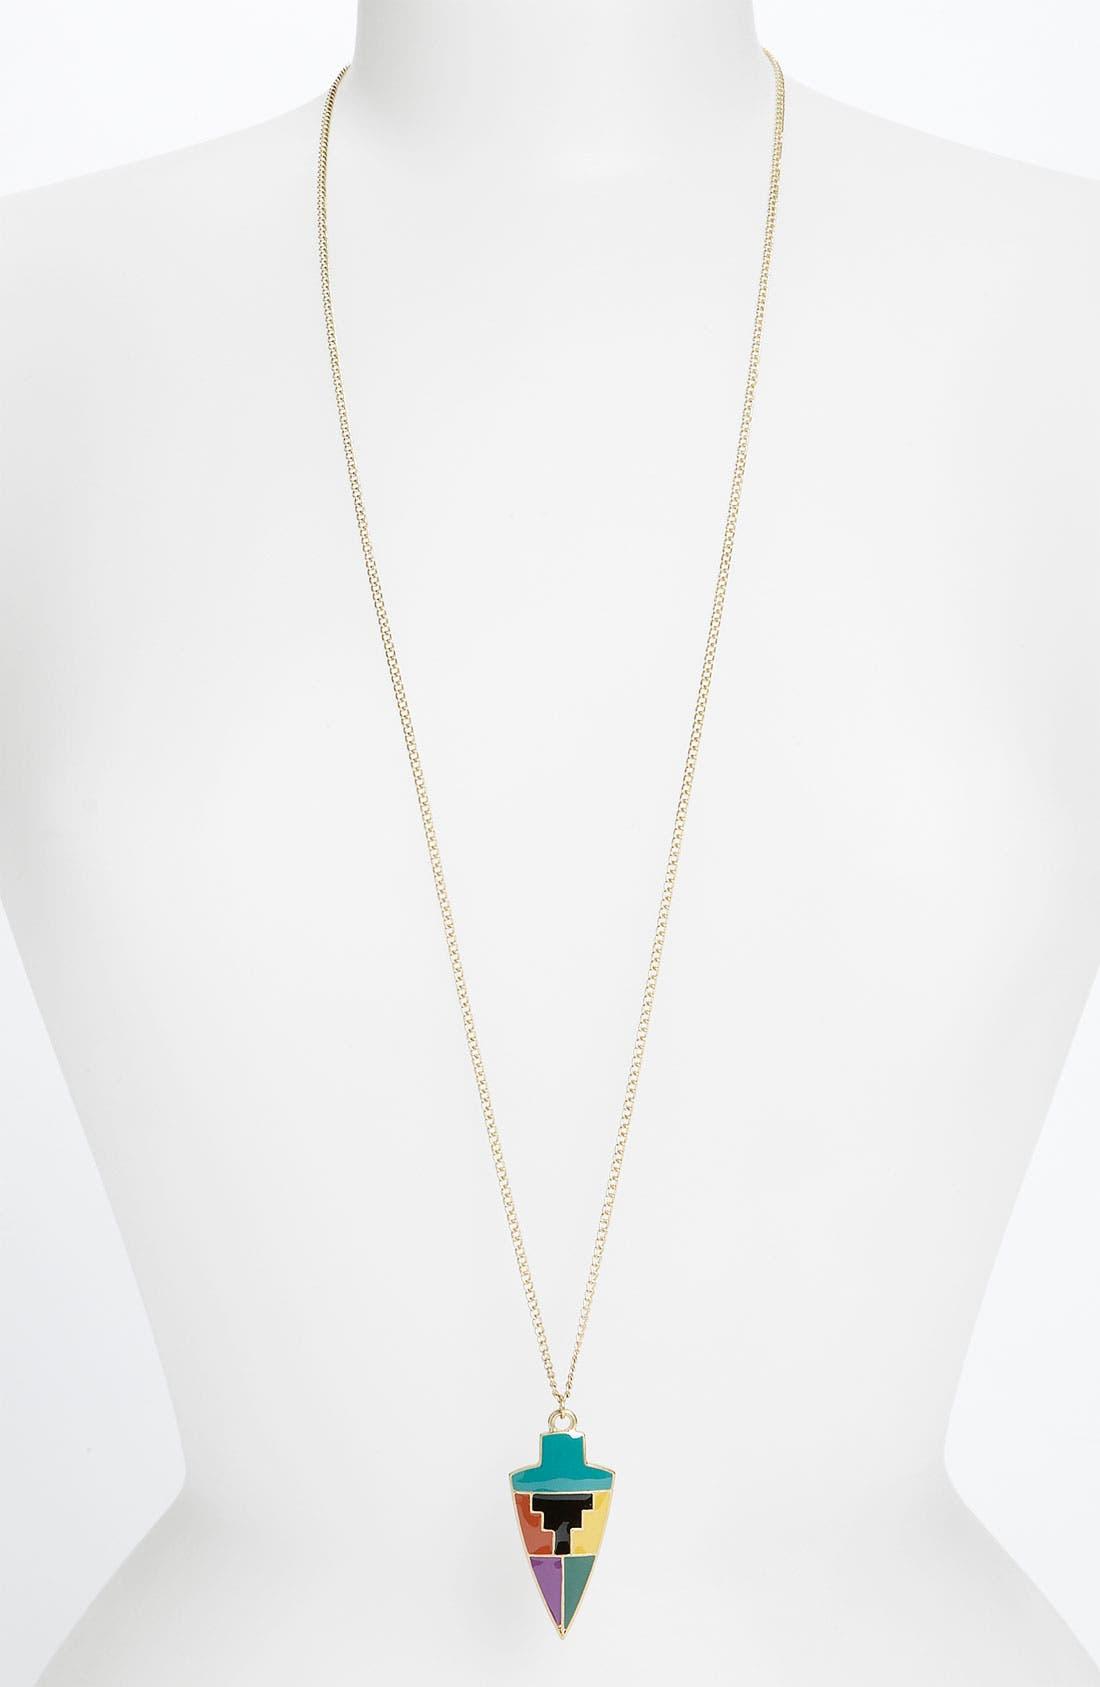 Main Image - Carole Enamel Arrow Pendant Necklace